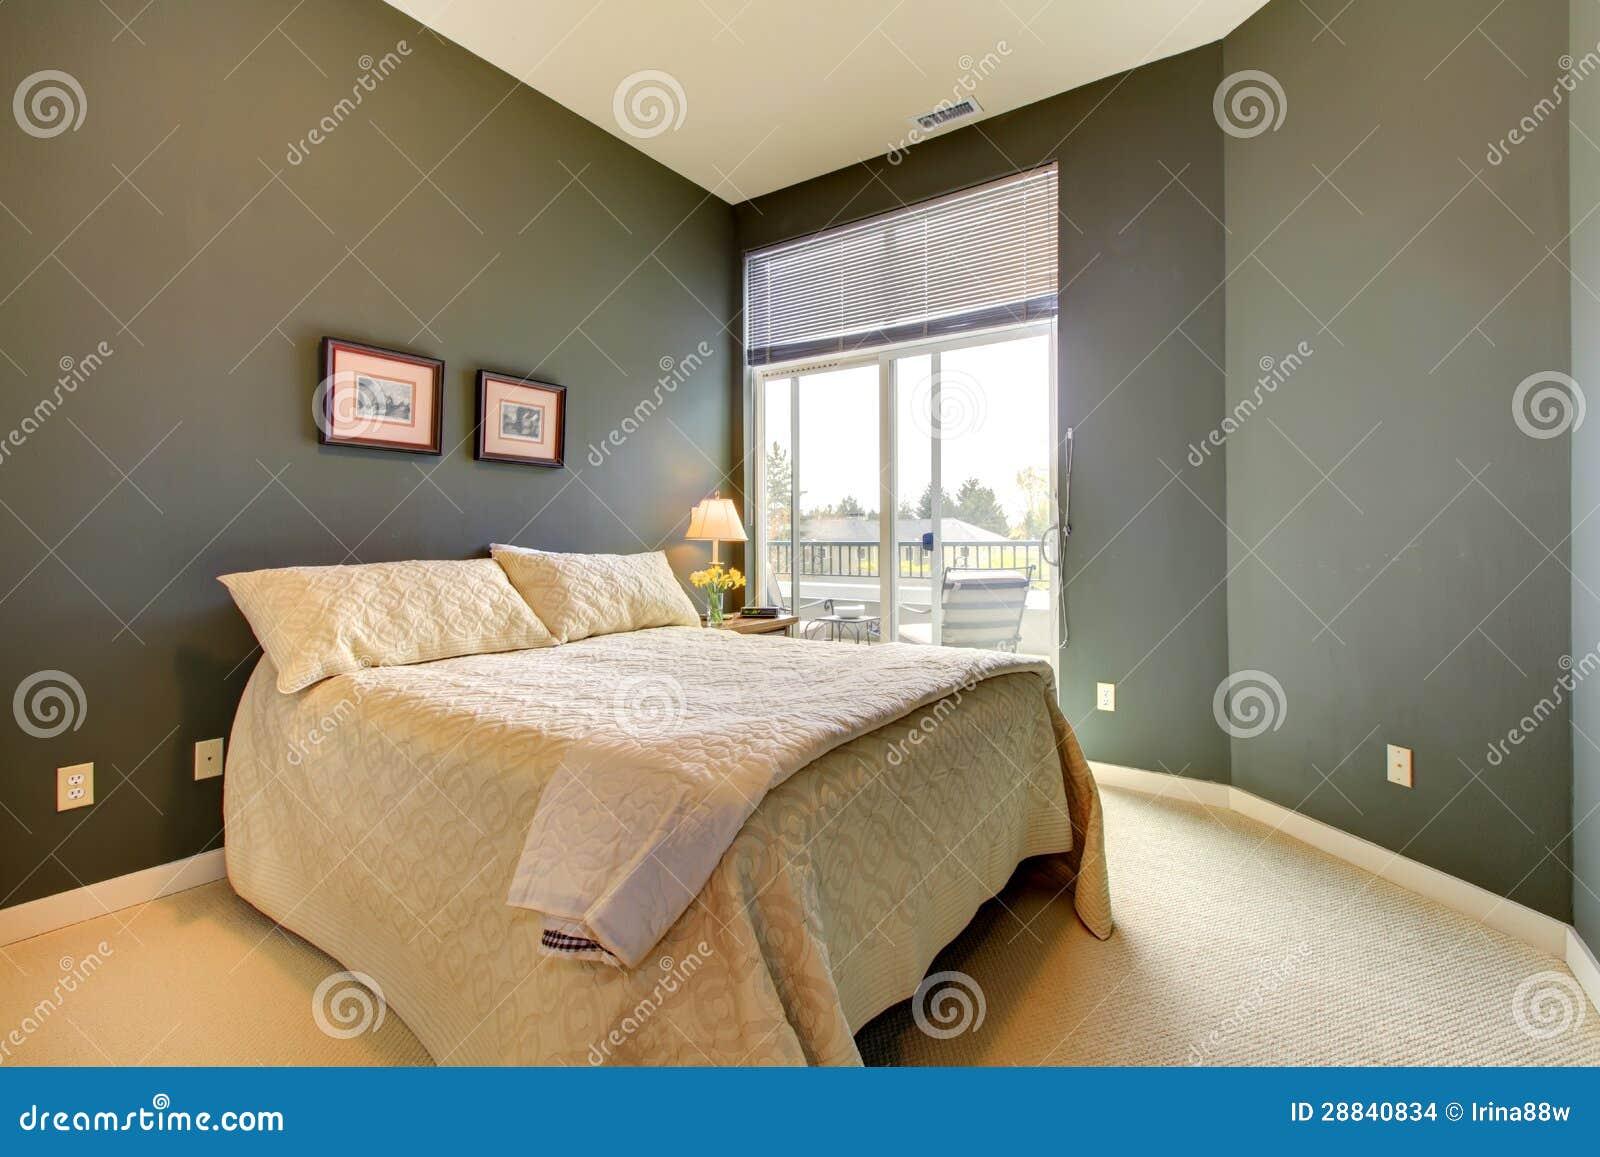 Slaapkamer met grijze groene muren en wit beddegoed stock afbeeldingen afbeelding 28840834 - Grijze slaapkamer ...